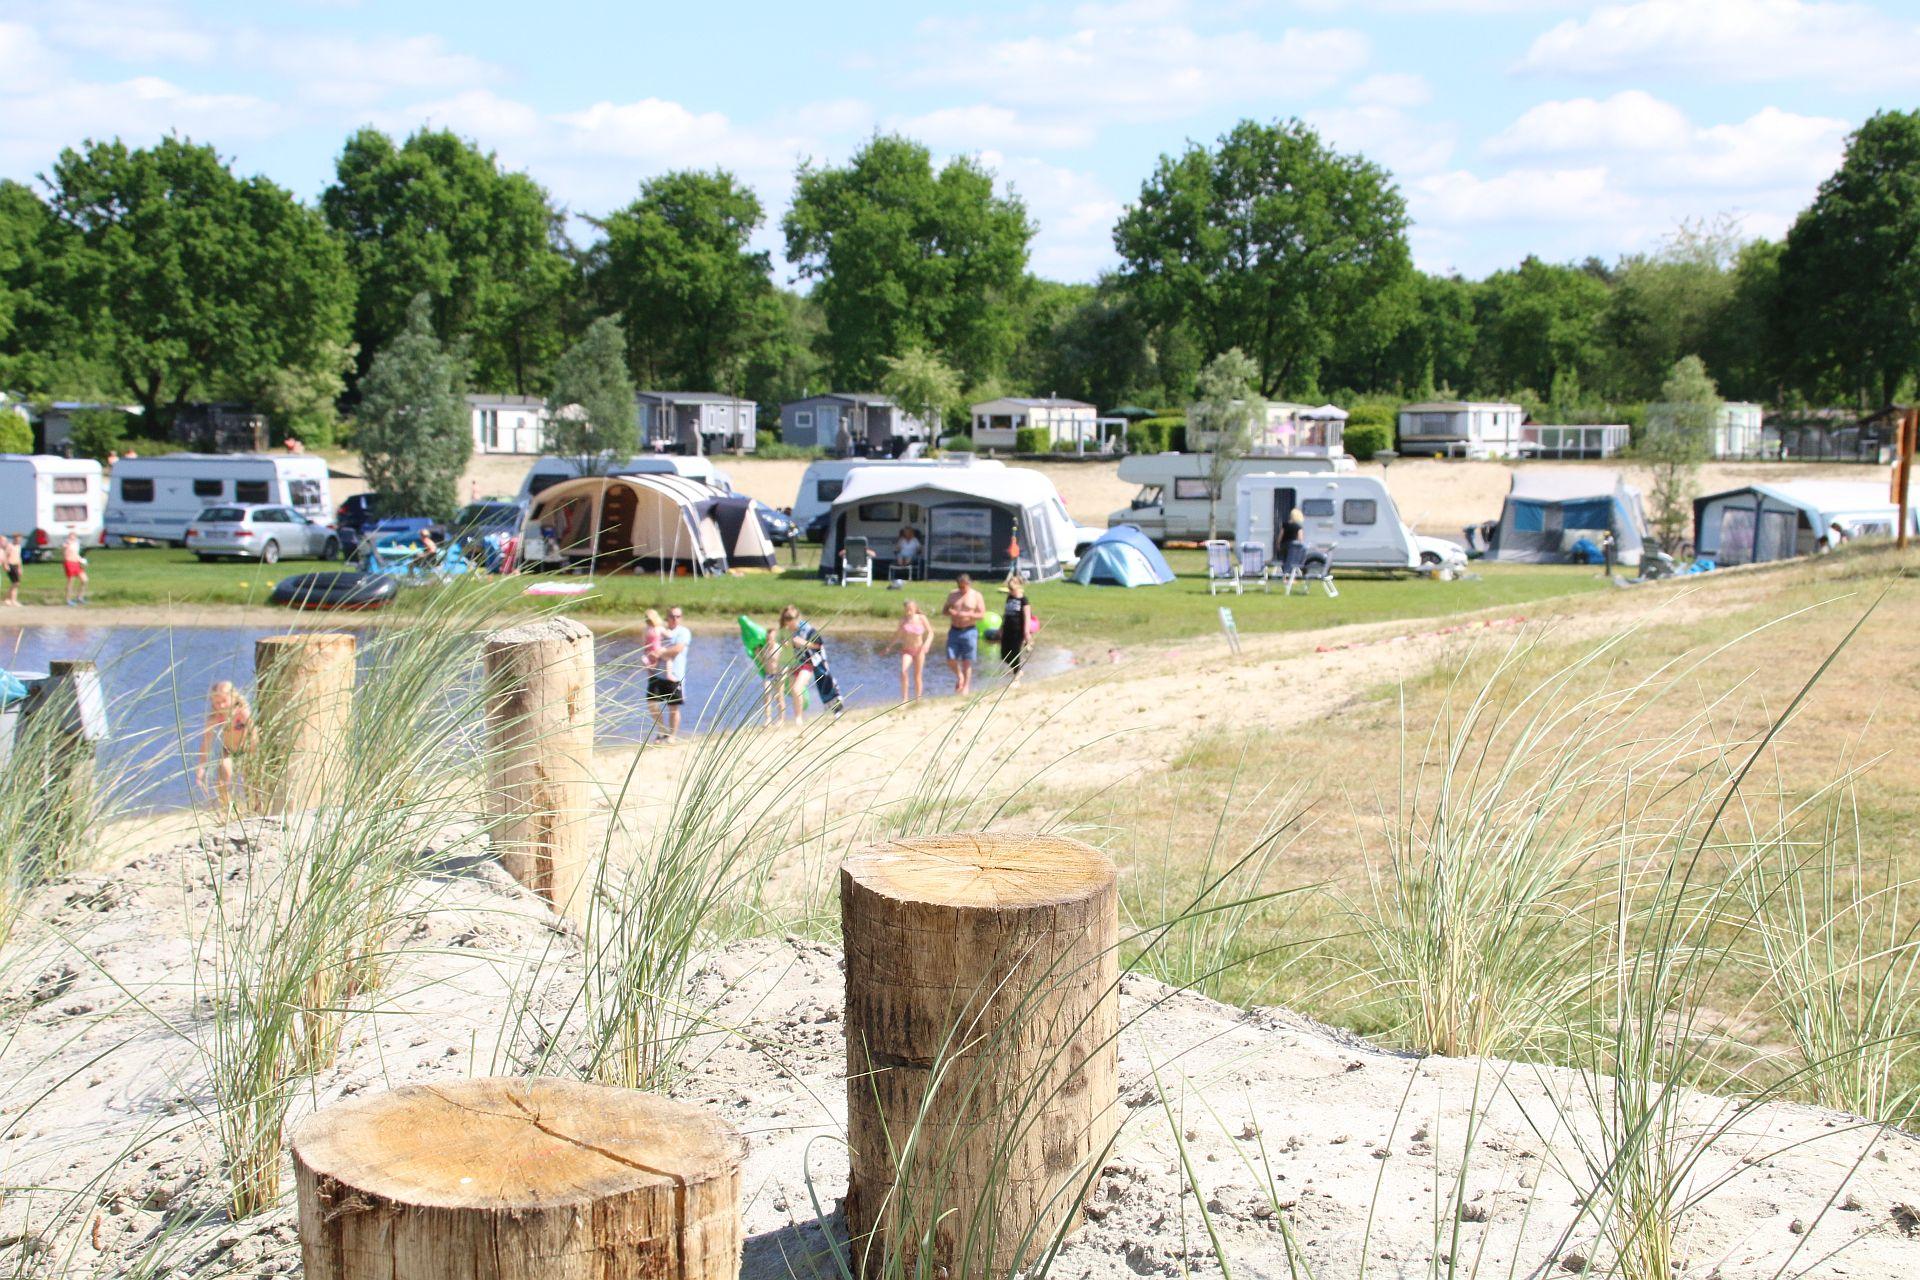 Camping vakantie in Overijssel op Vakantiepark het Stoetenslagh - kampeer arrangementen Overijssel